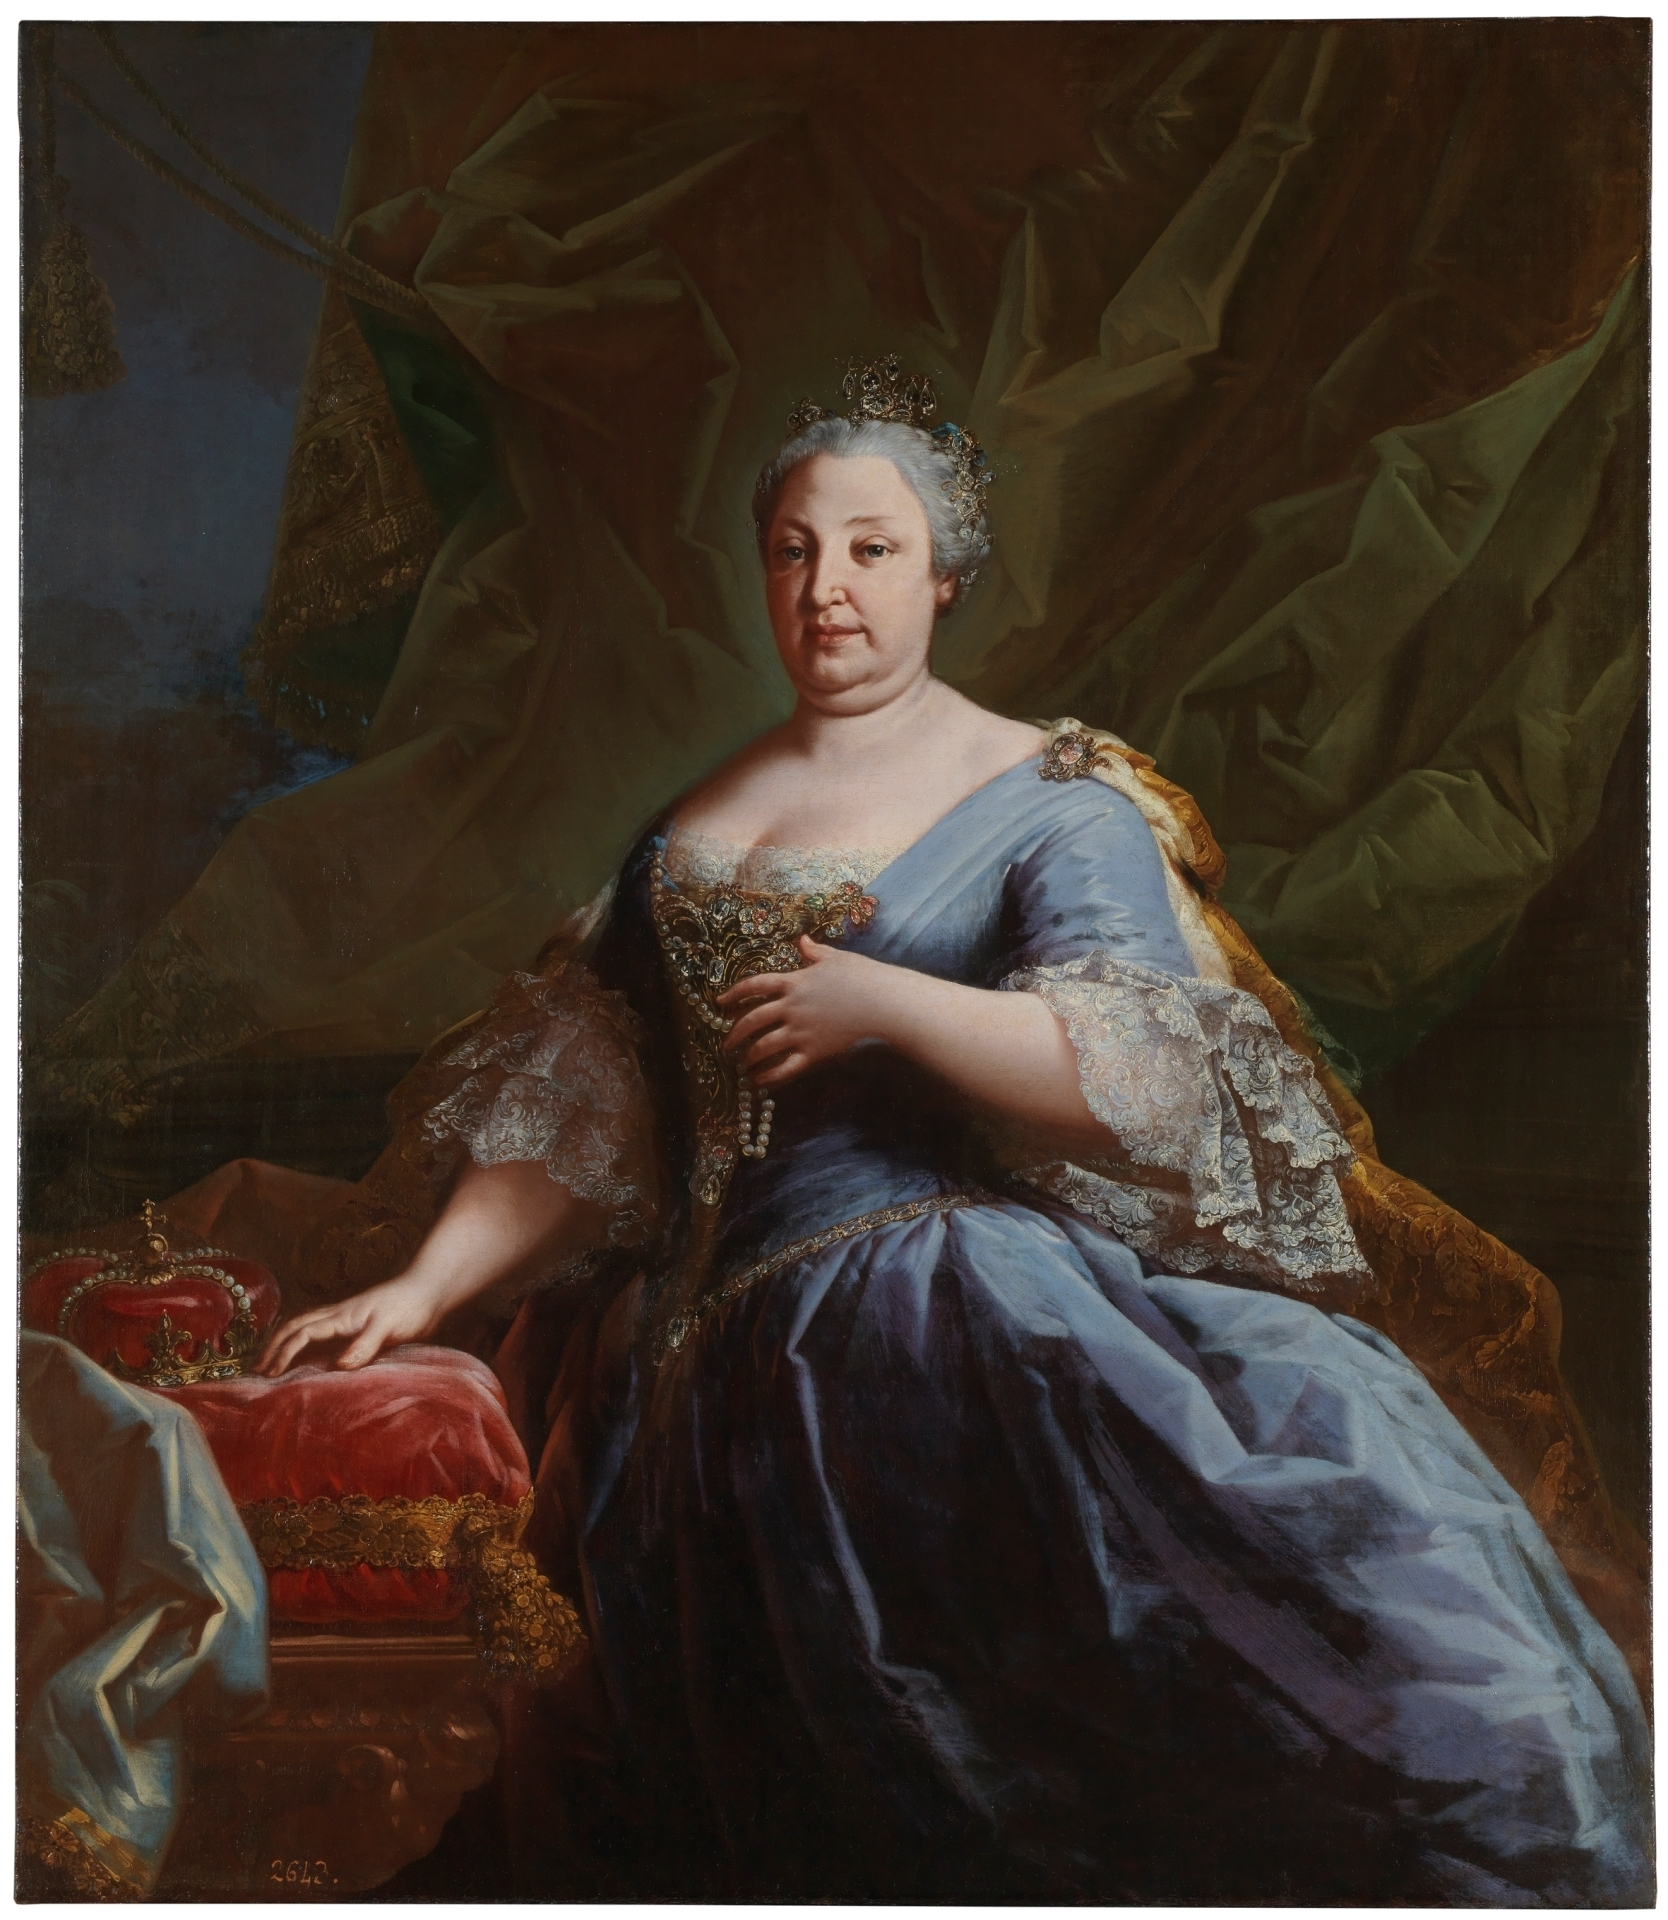 Bárbara de Braganza, reina de España. Anónimo. Museo del Prado.